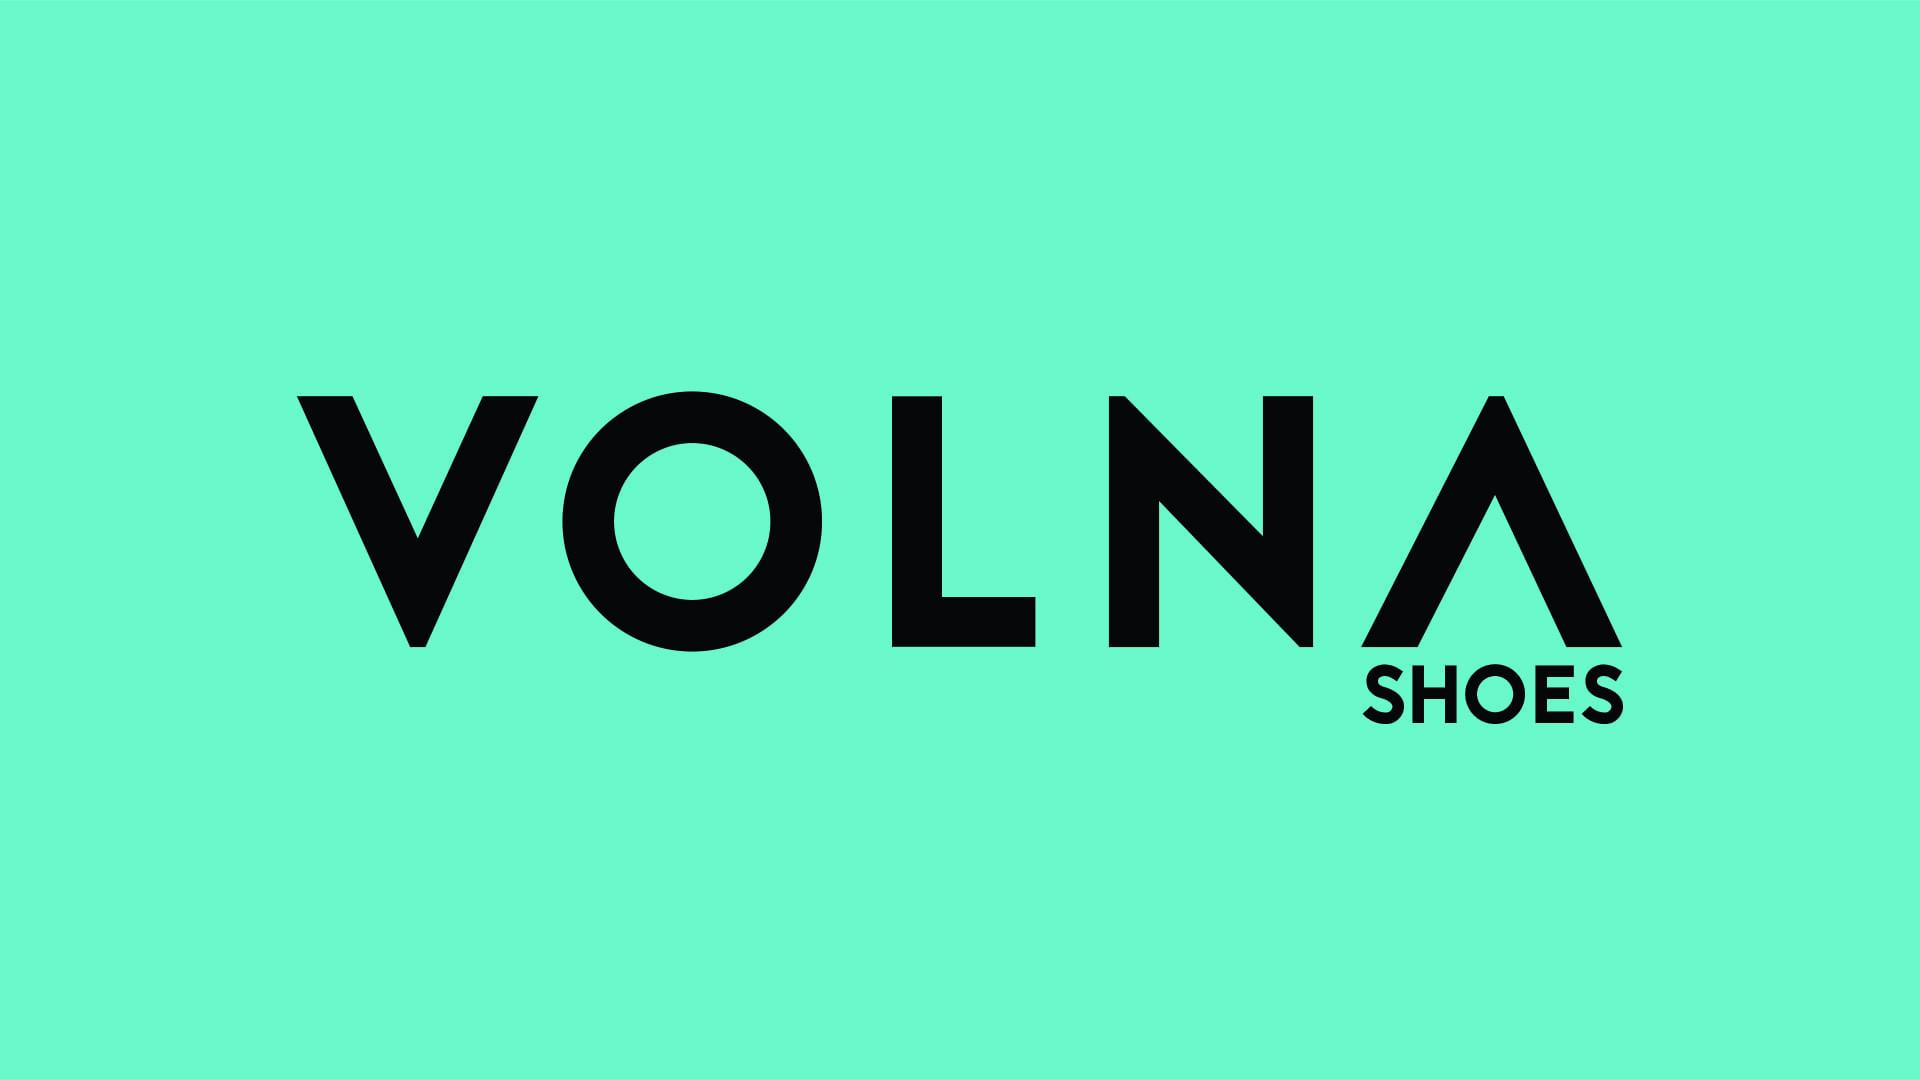 Volna shoes